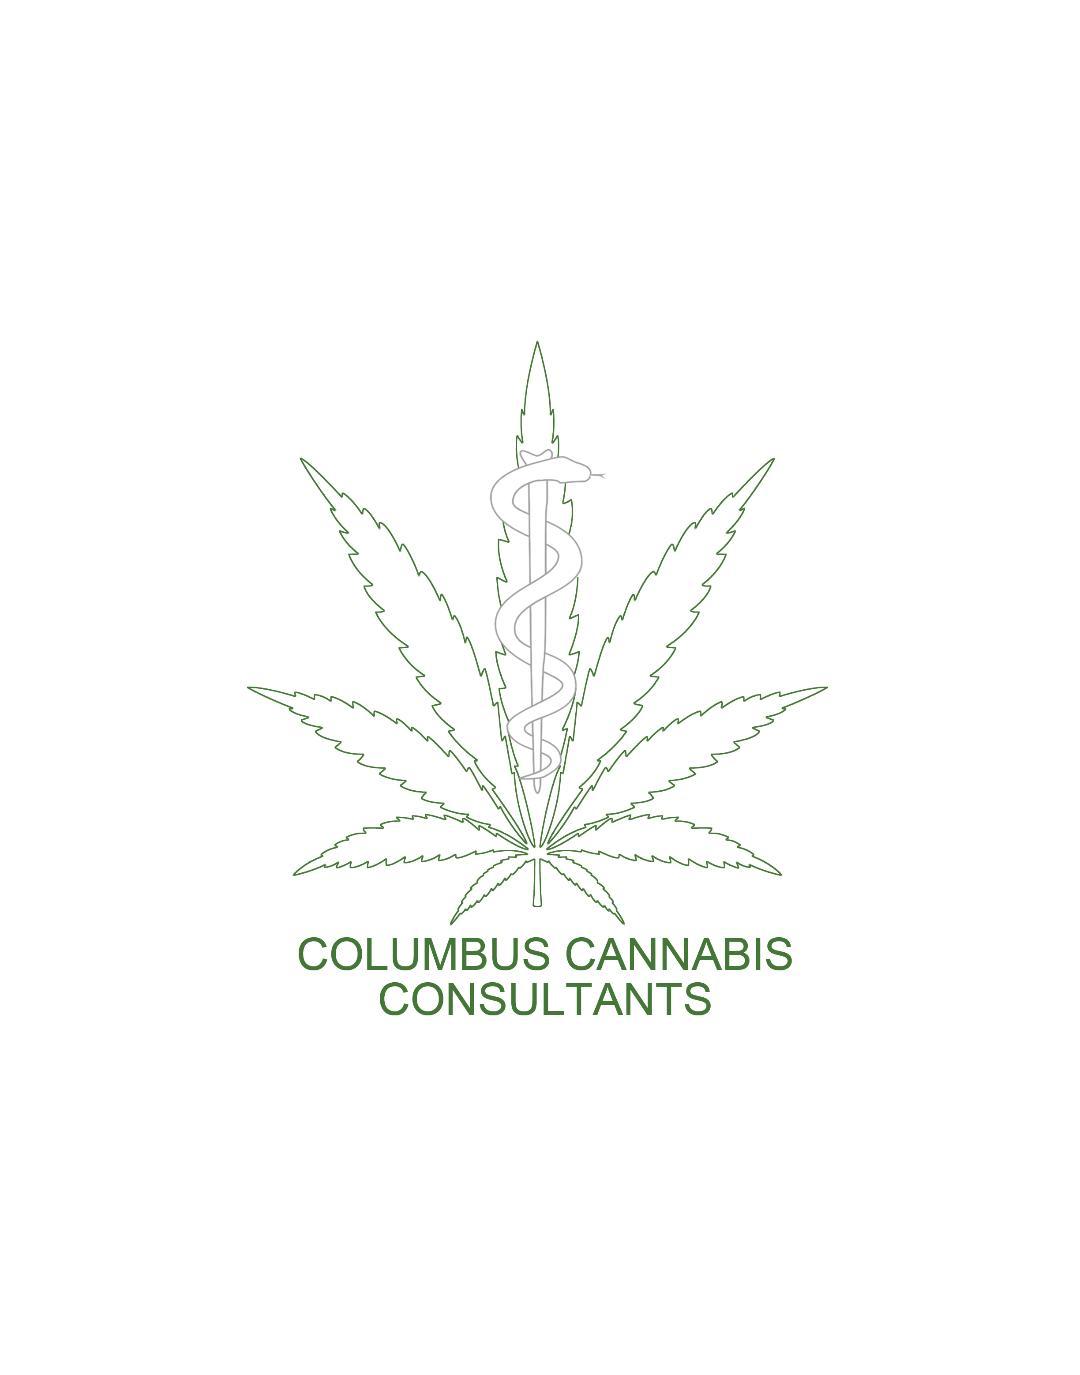 Columbus Cannabis Consultants